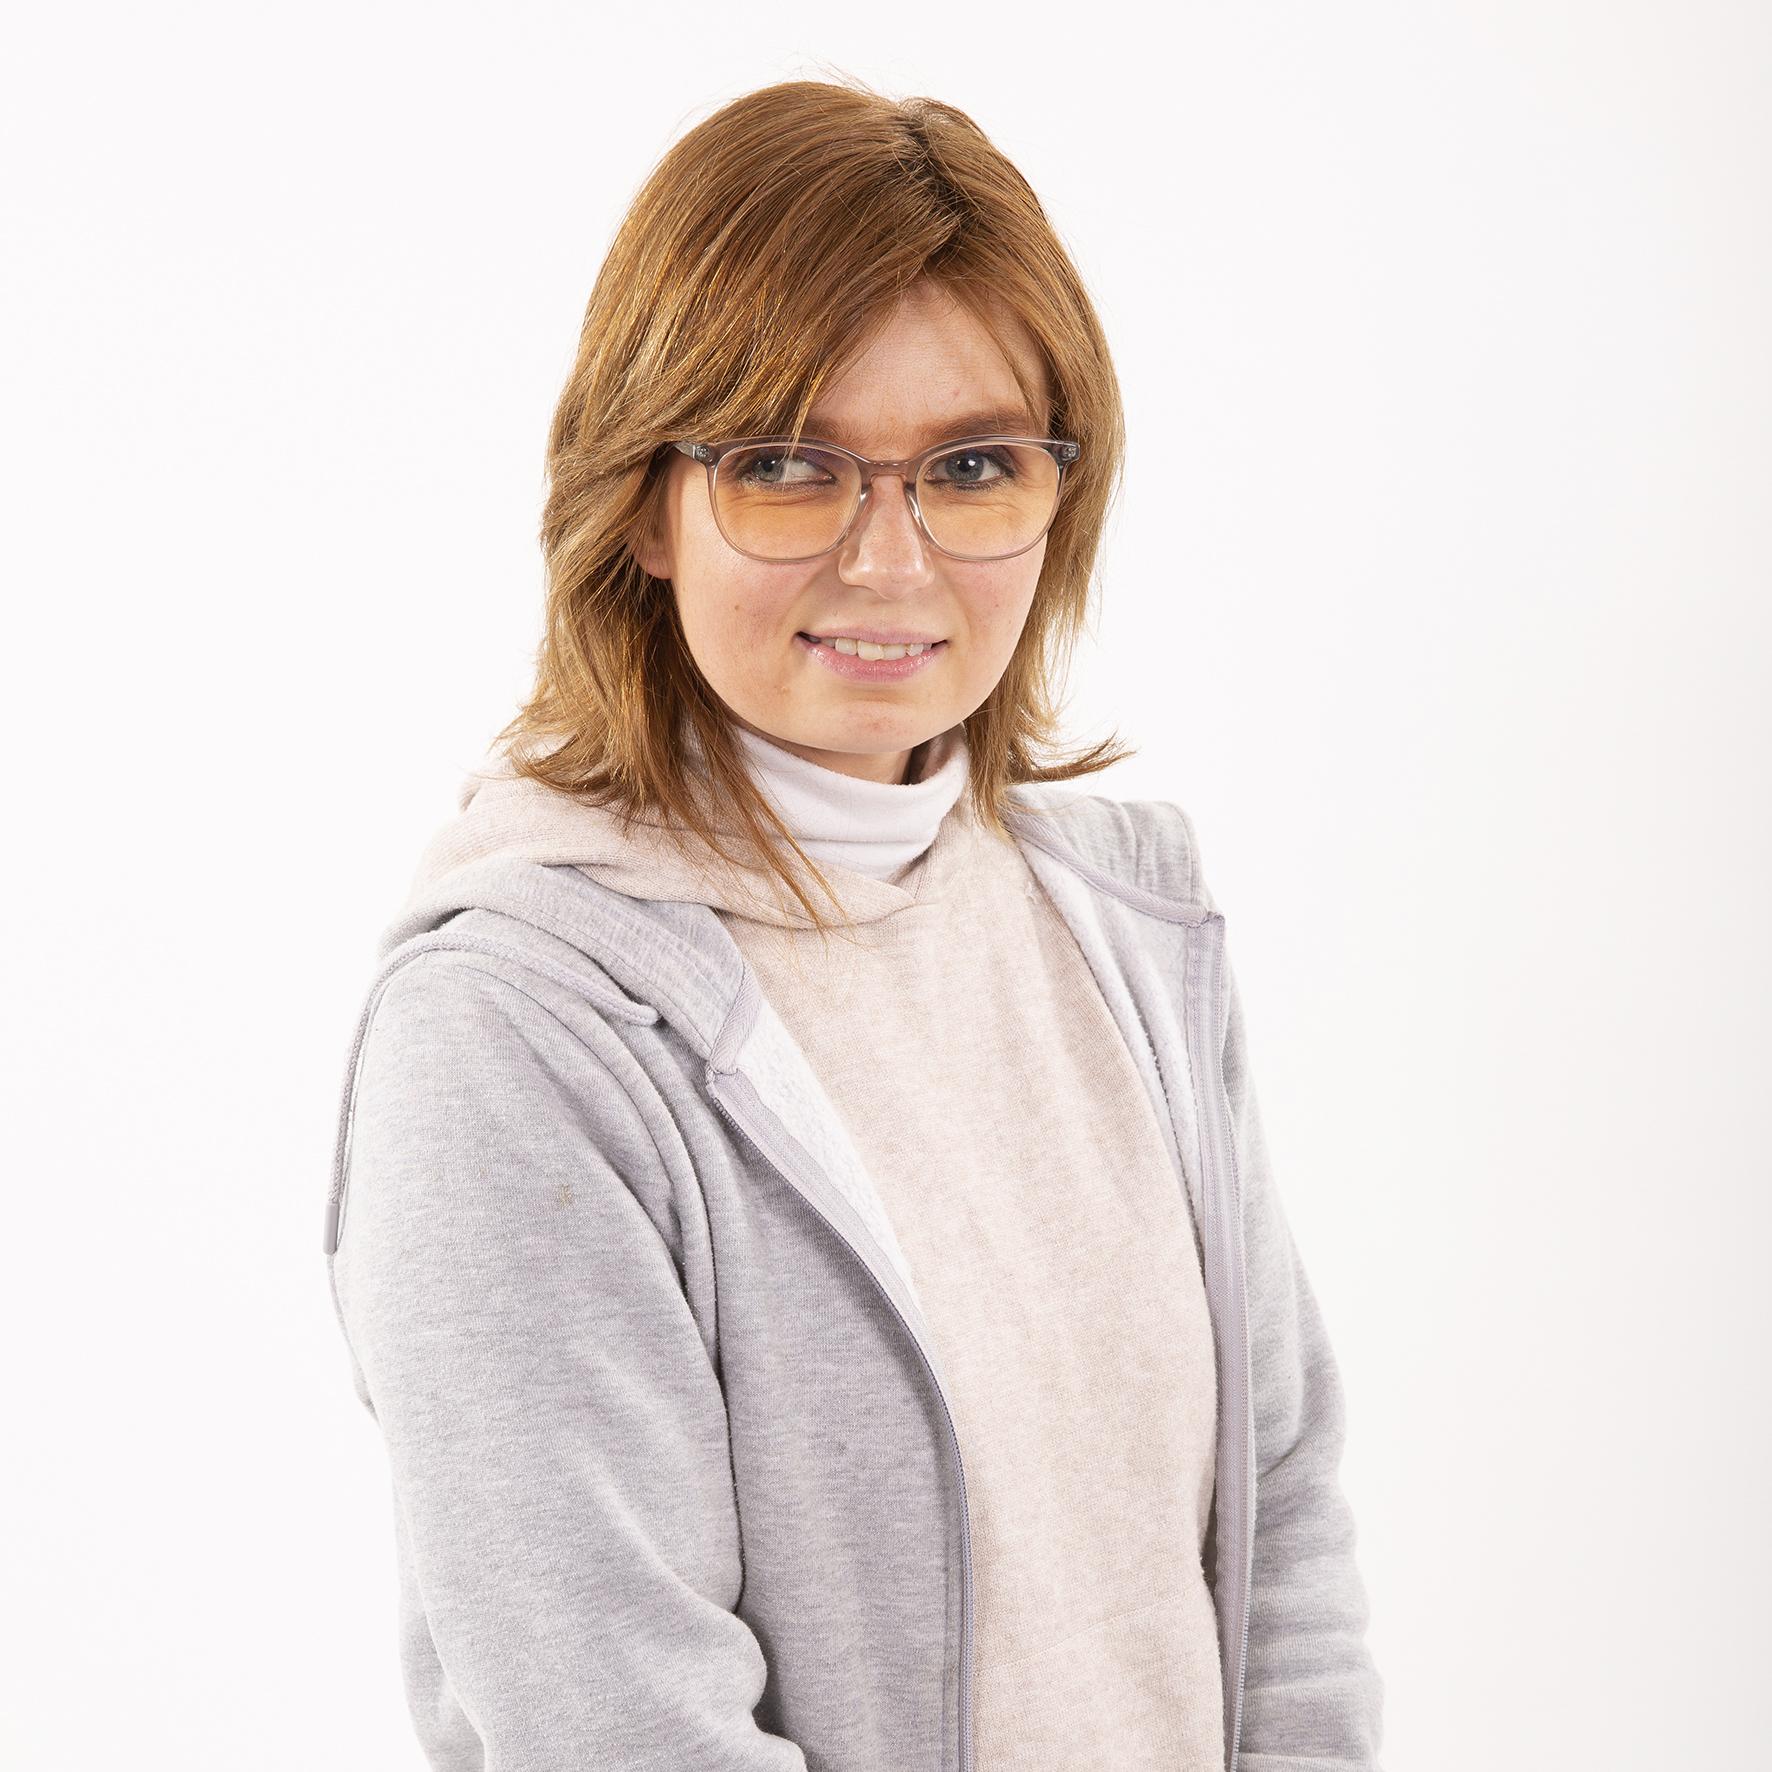 Cindy Lacroix